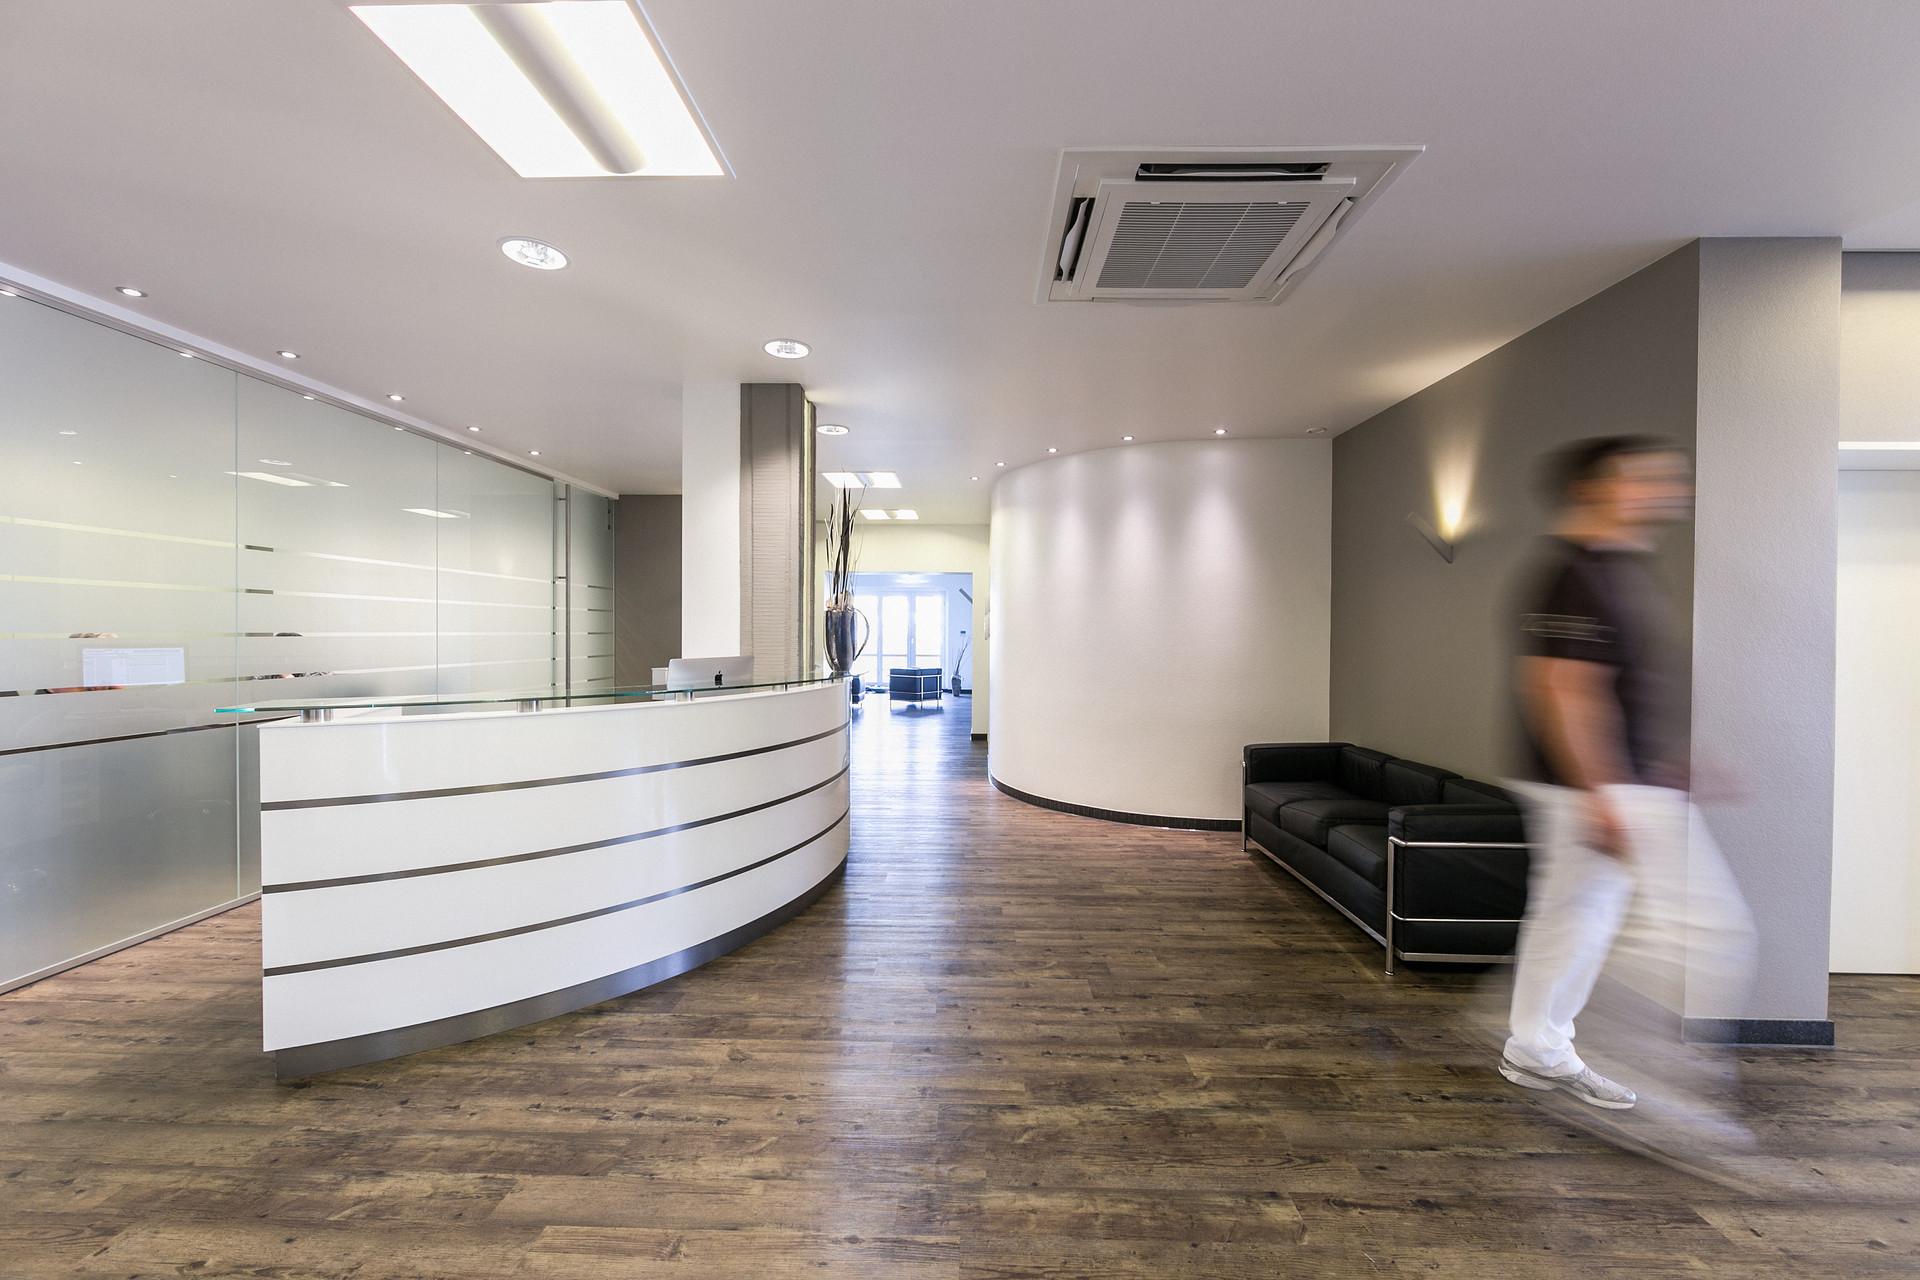 zahncollegium zahnarztpraxis in soest und bad sassendorf error. Black Bedroom Furniture Sets. Home Design Ideas